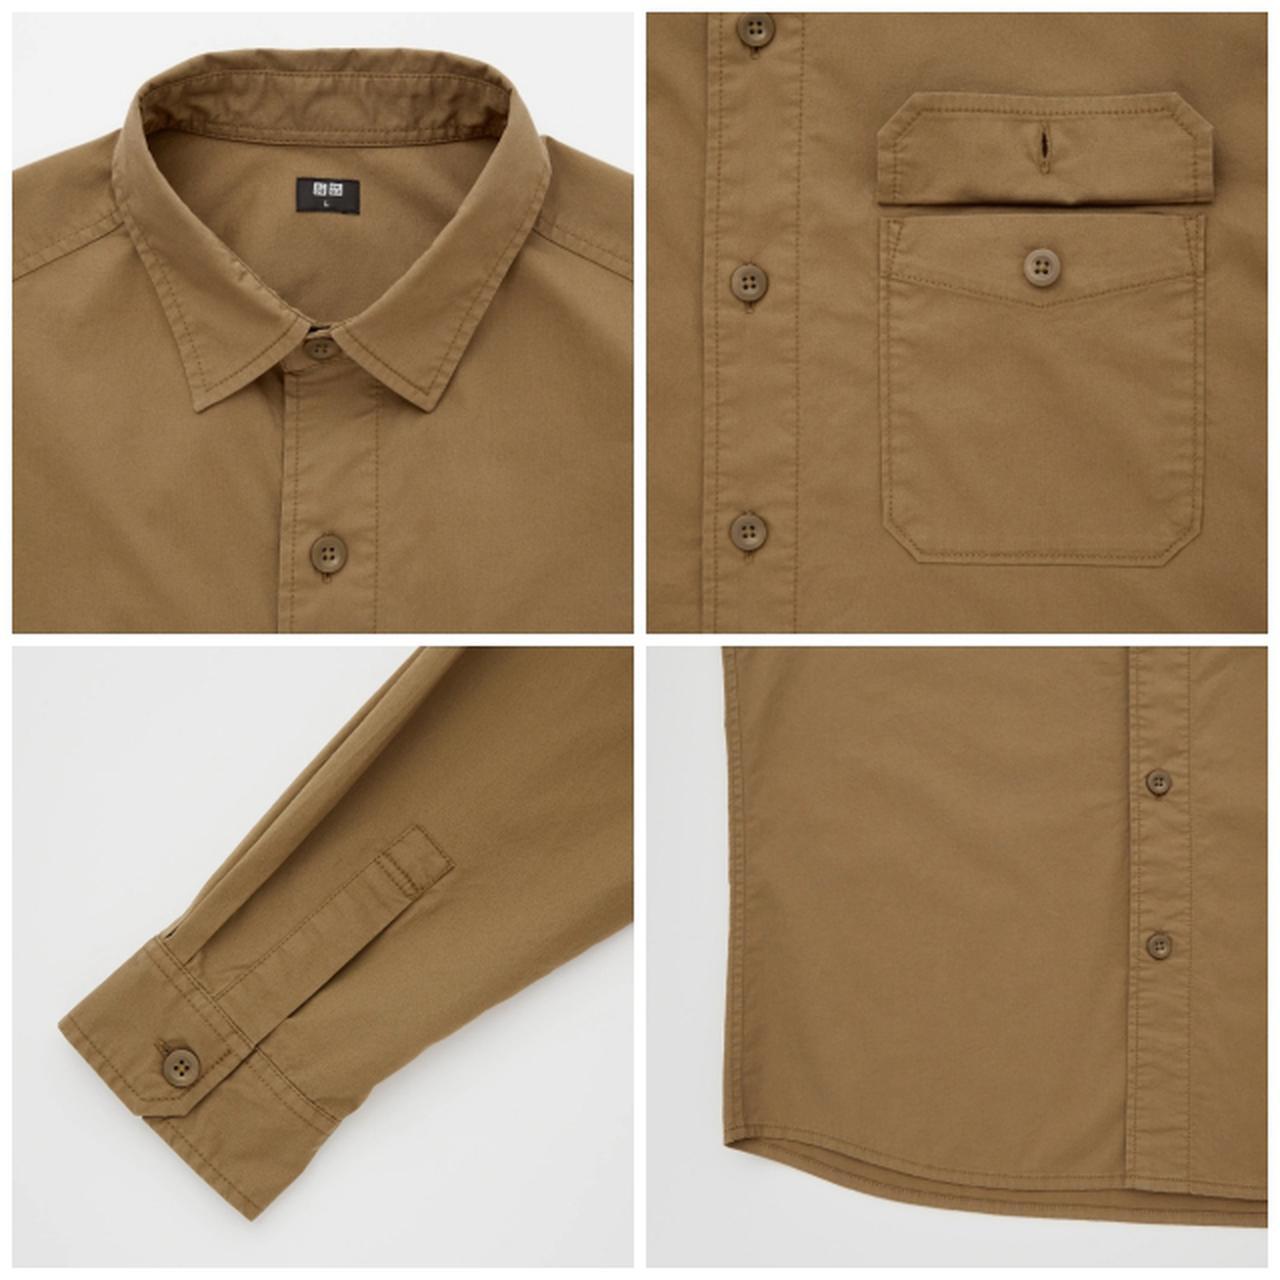 画像: 「ストレッチツイルオーバーサイズシャツ(長袖)」(ブラウン)¥2,990 出典:ユニクロ